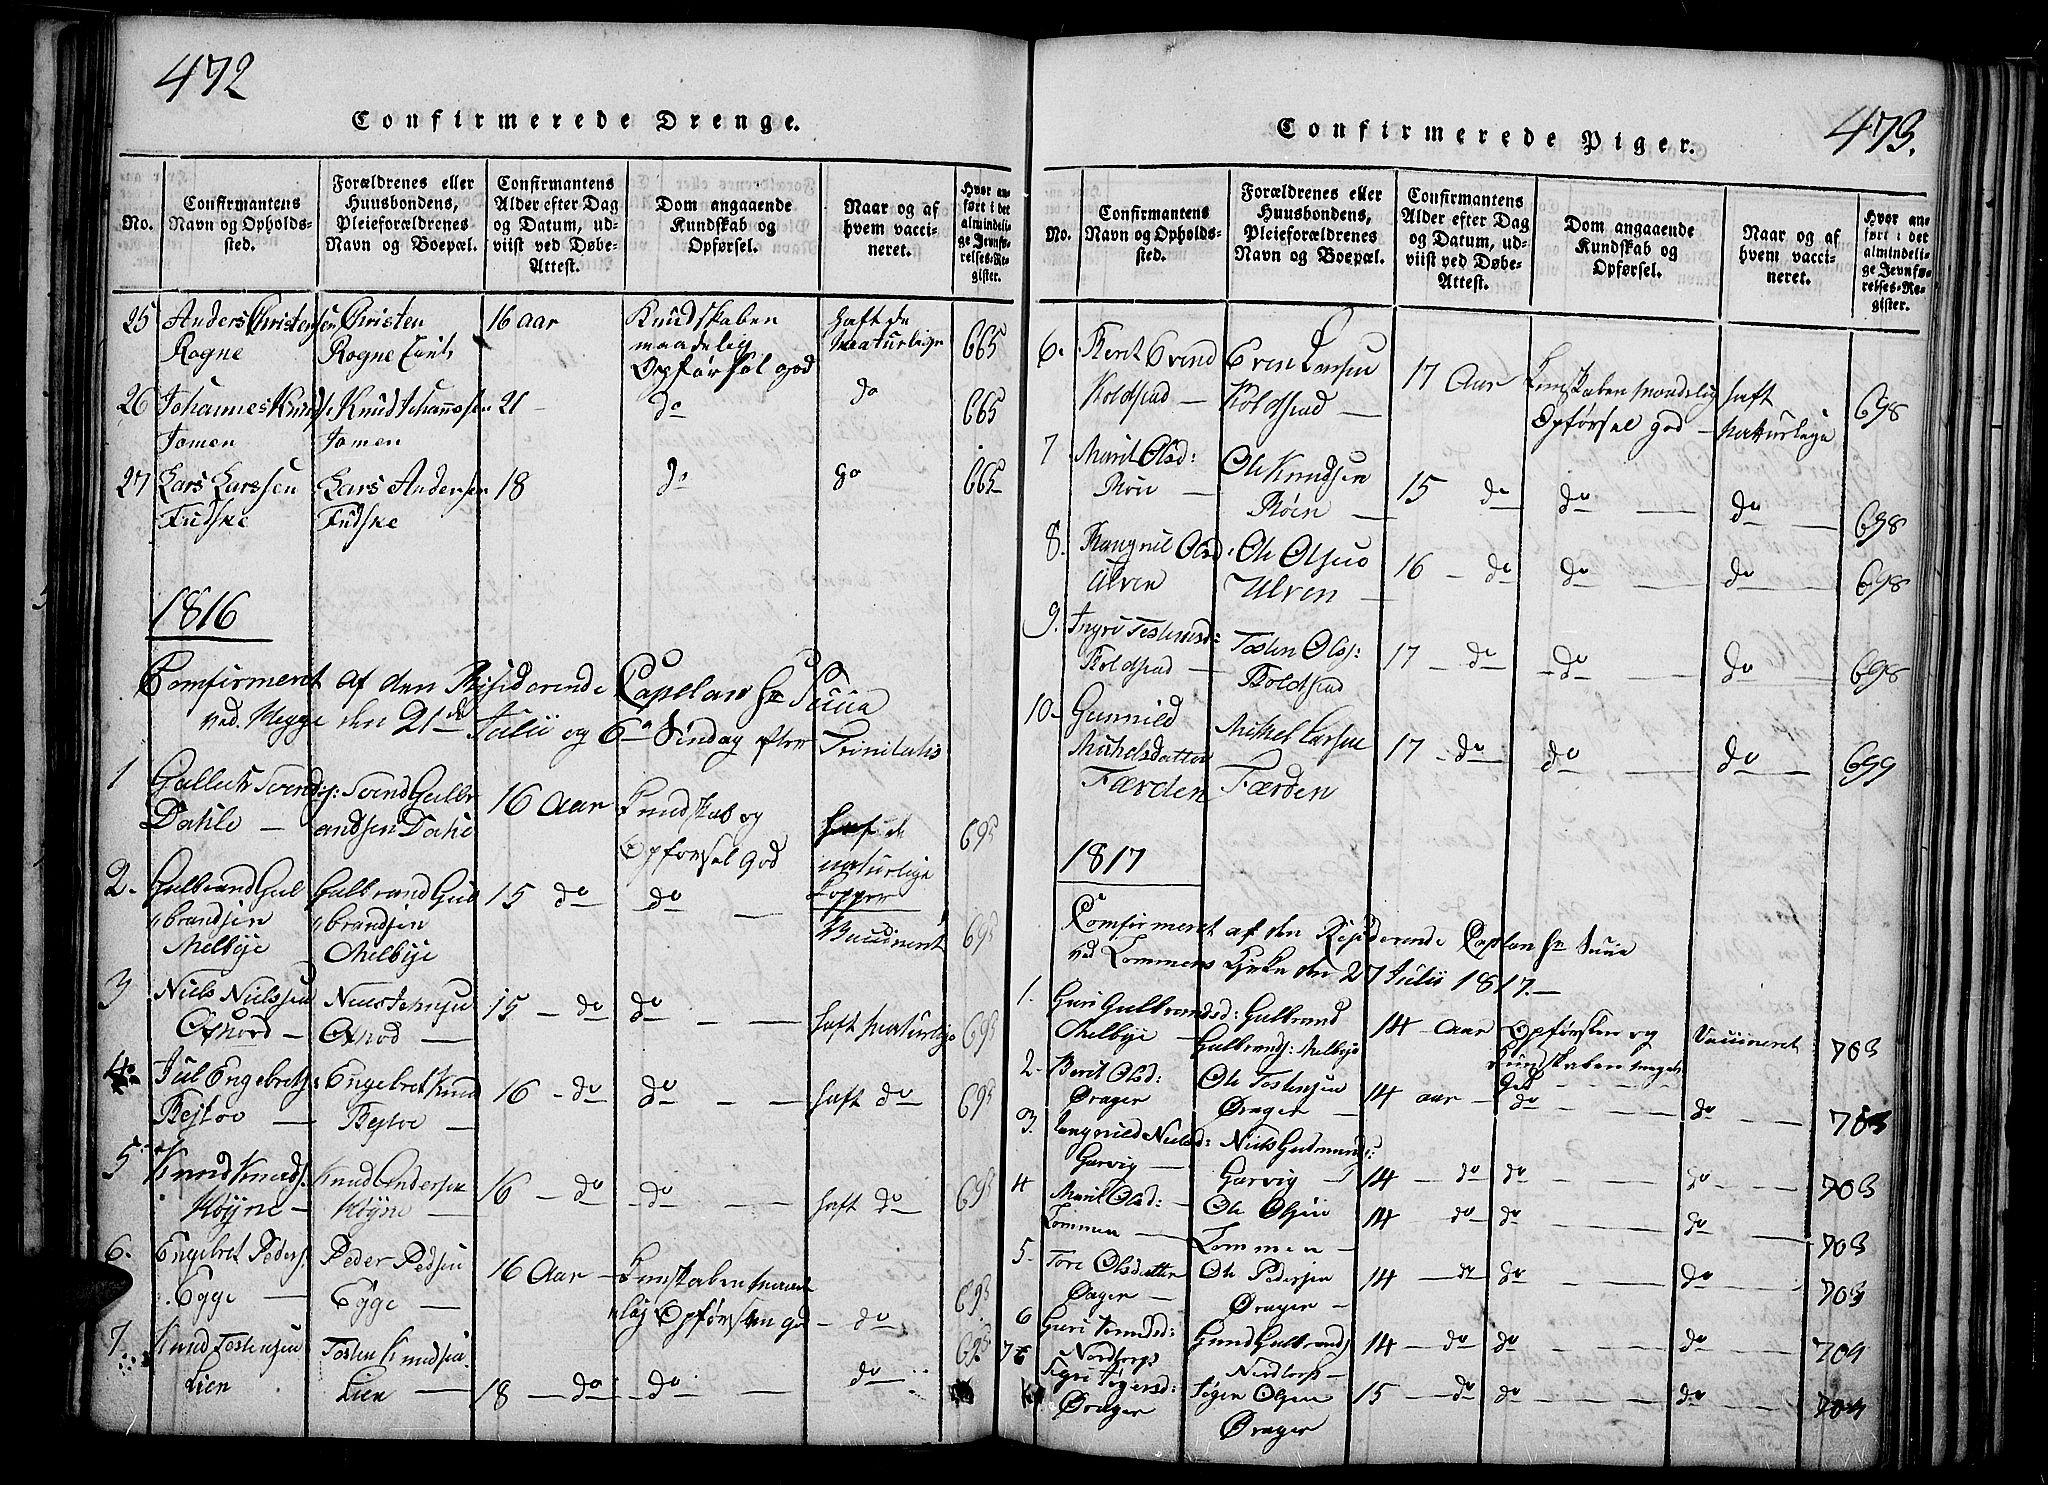 SAH, Slidre prestekontor, Ministerialbok nr. 2, 1814-1830, s. 472-473